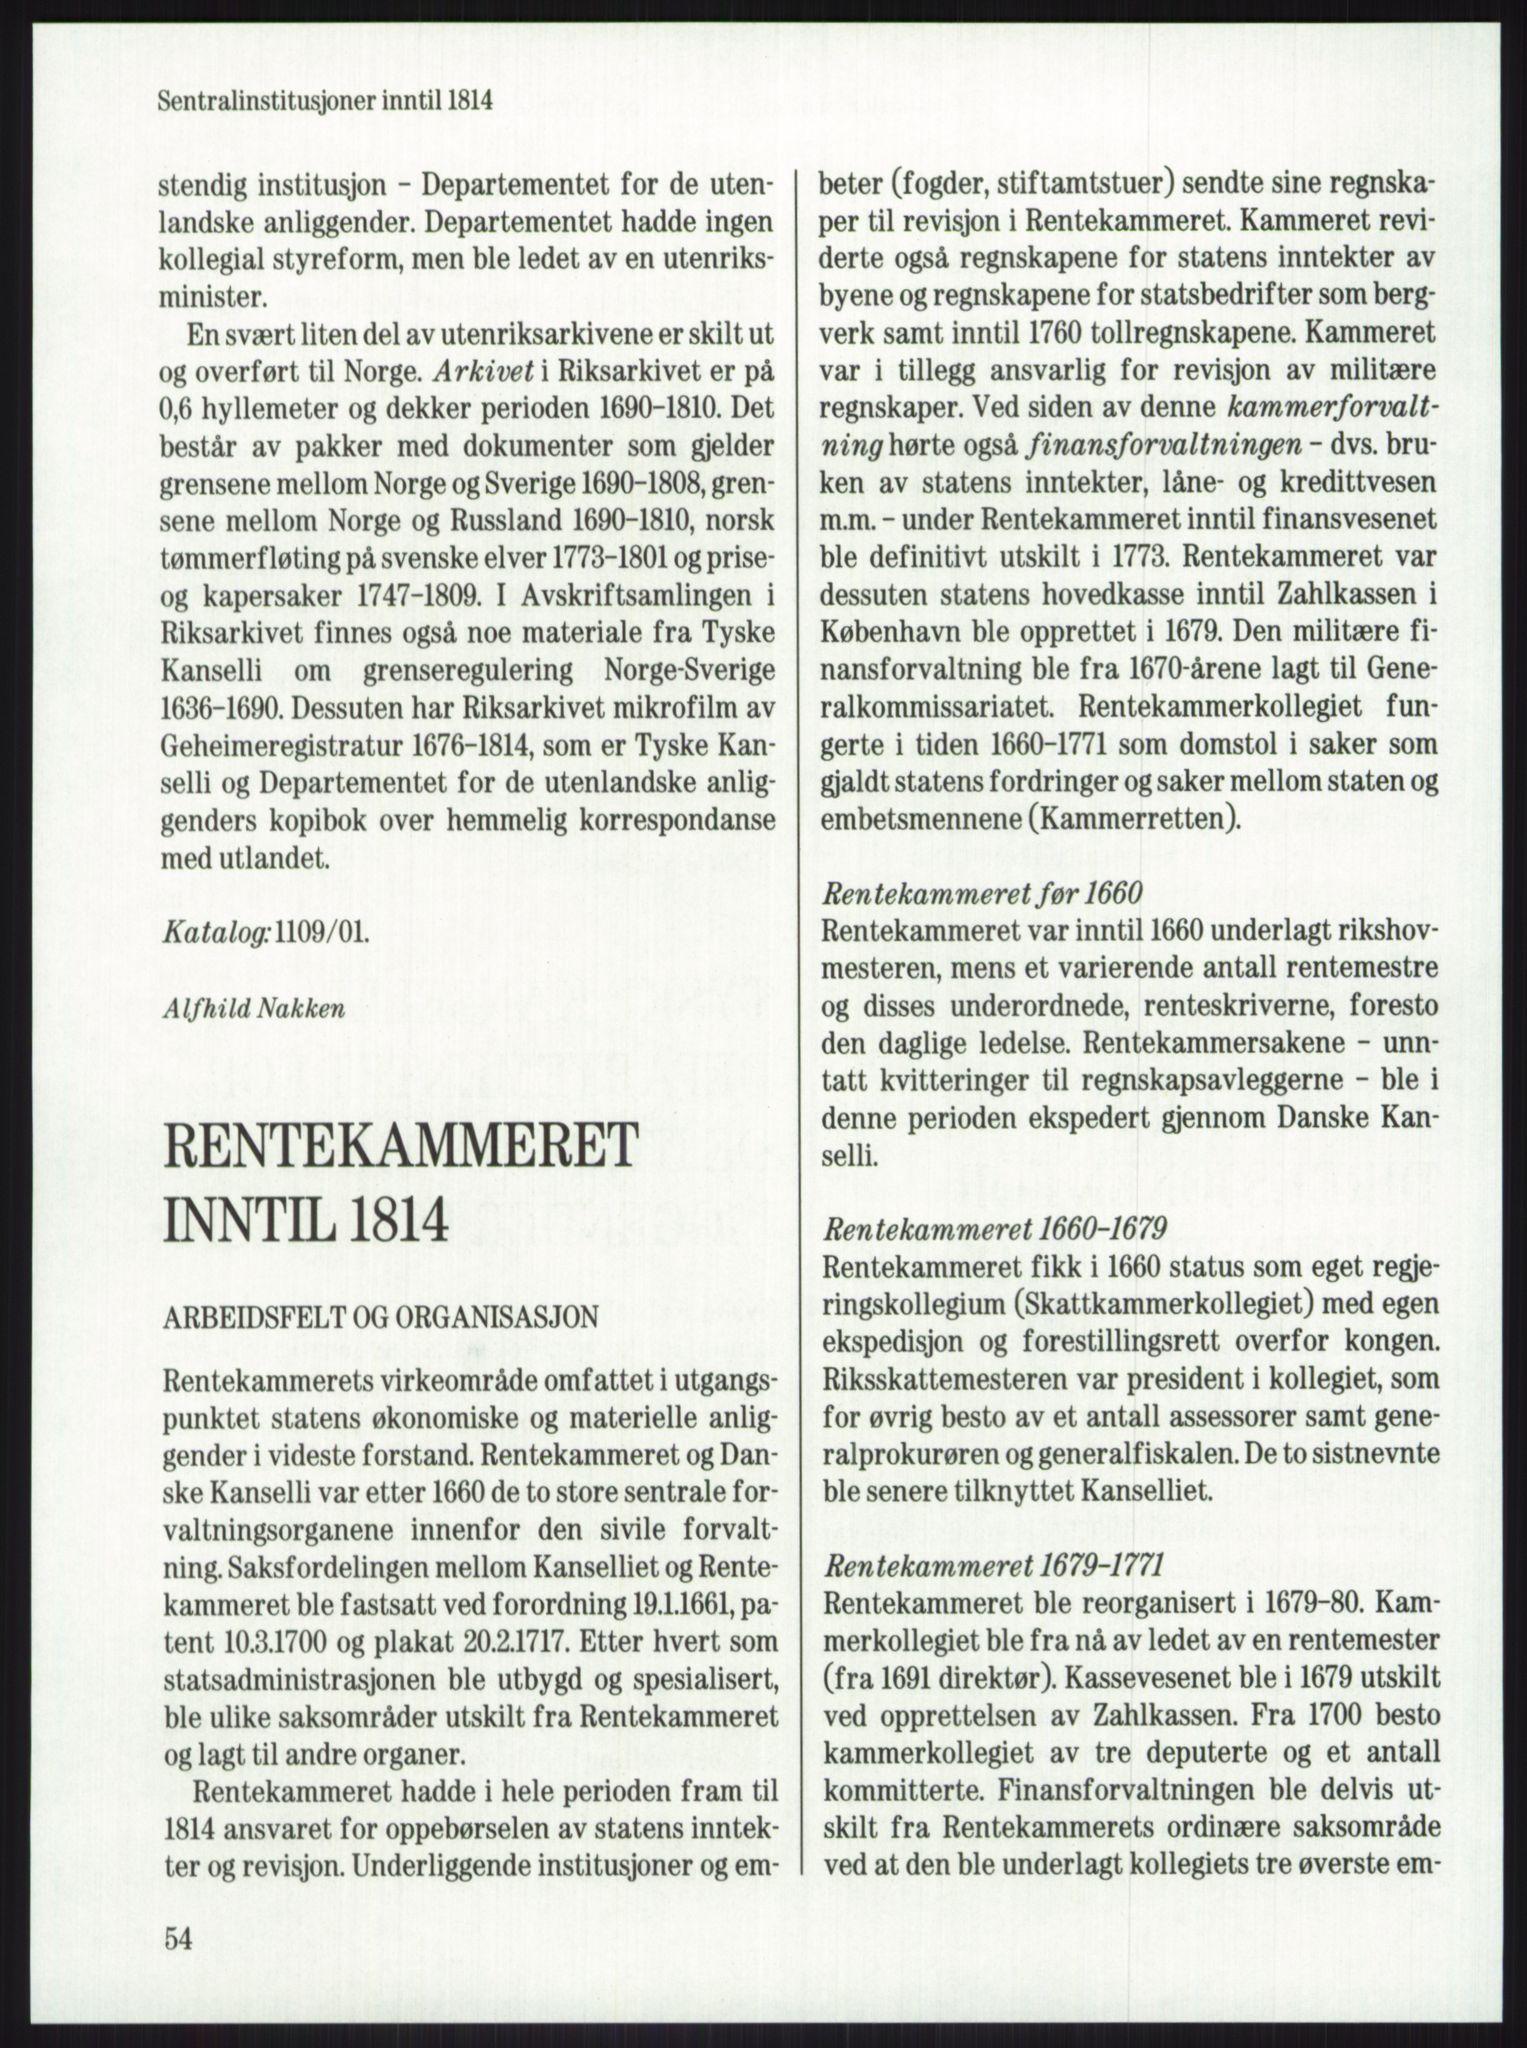 RA, Publikasjoner, -/-: Knut Johannessen, Ole Kolsrud og Dag Mangset (red.): Håndbok for Riksarkivet (1992), p. 54